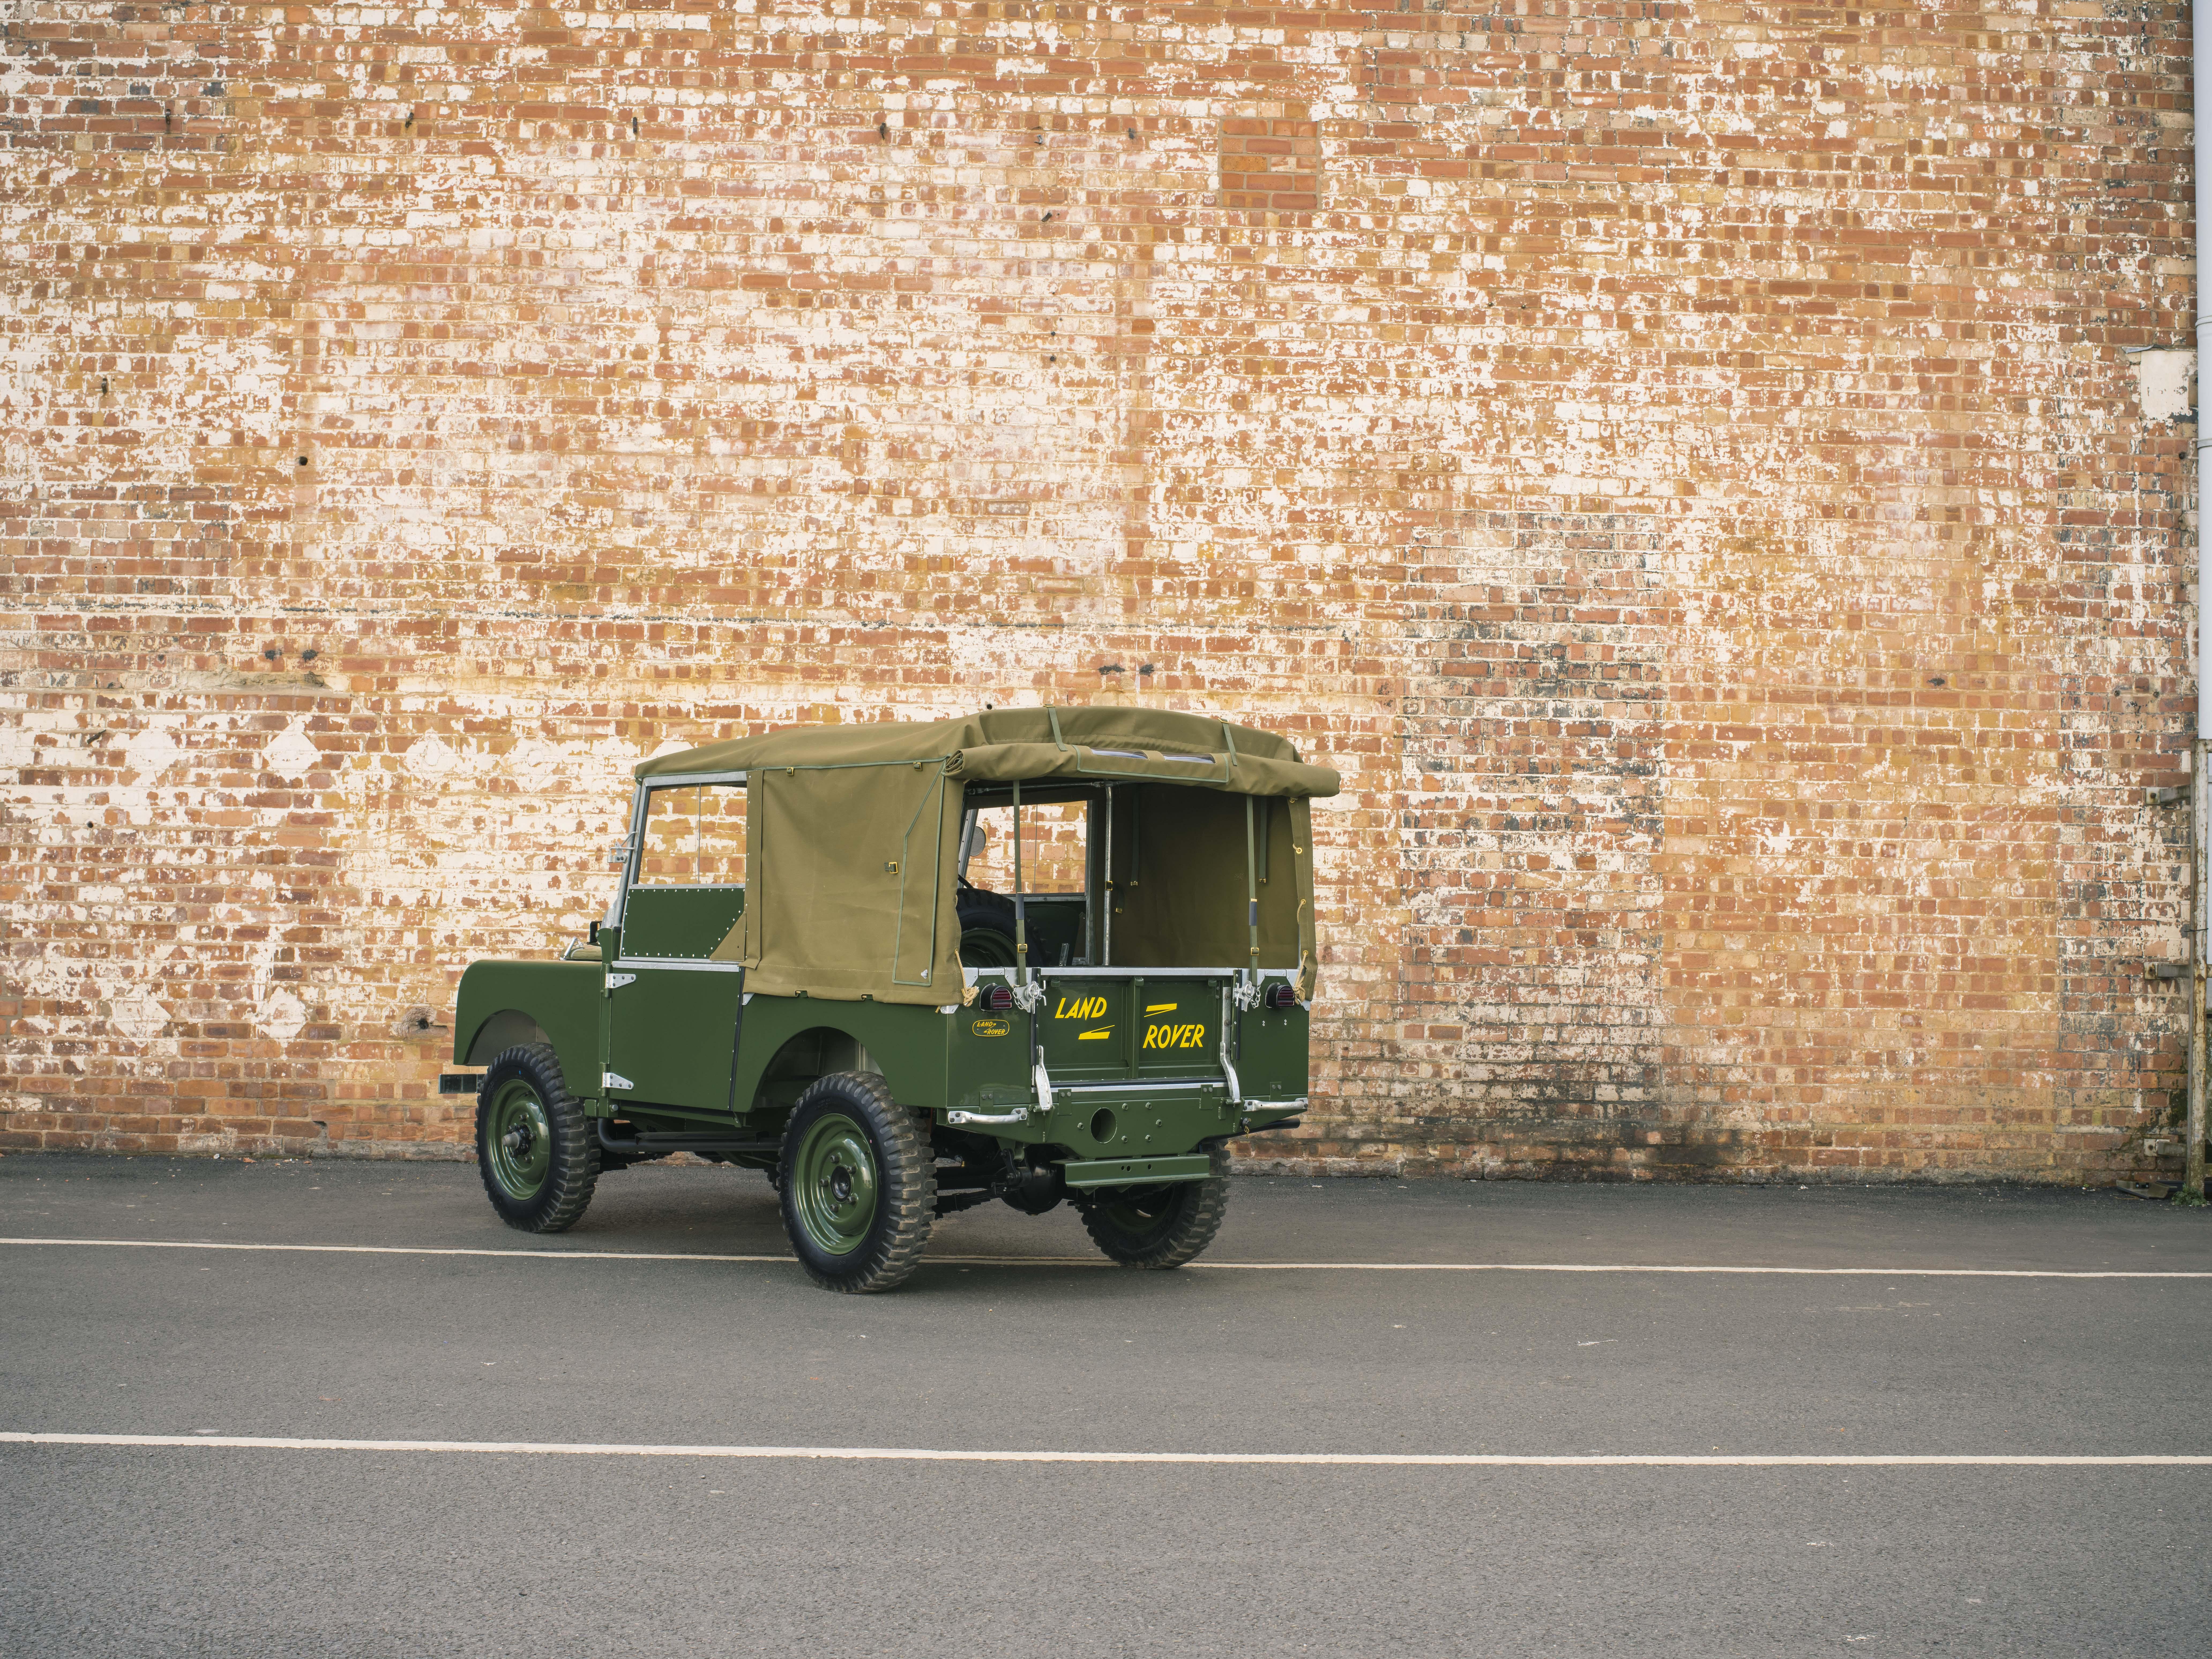 Land Rover Série 1 rear